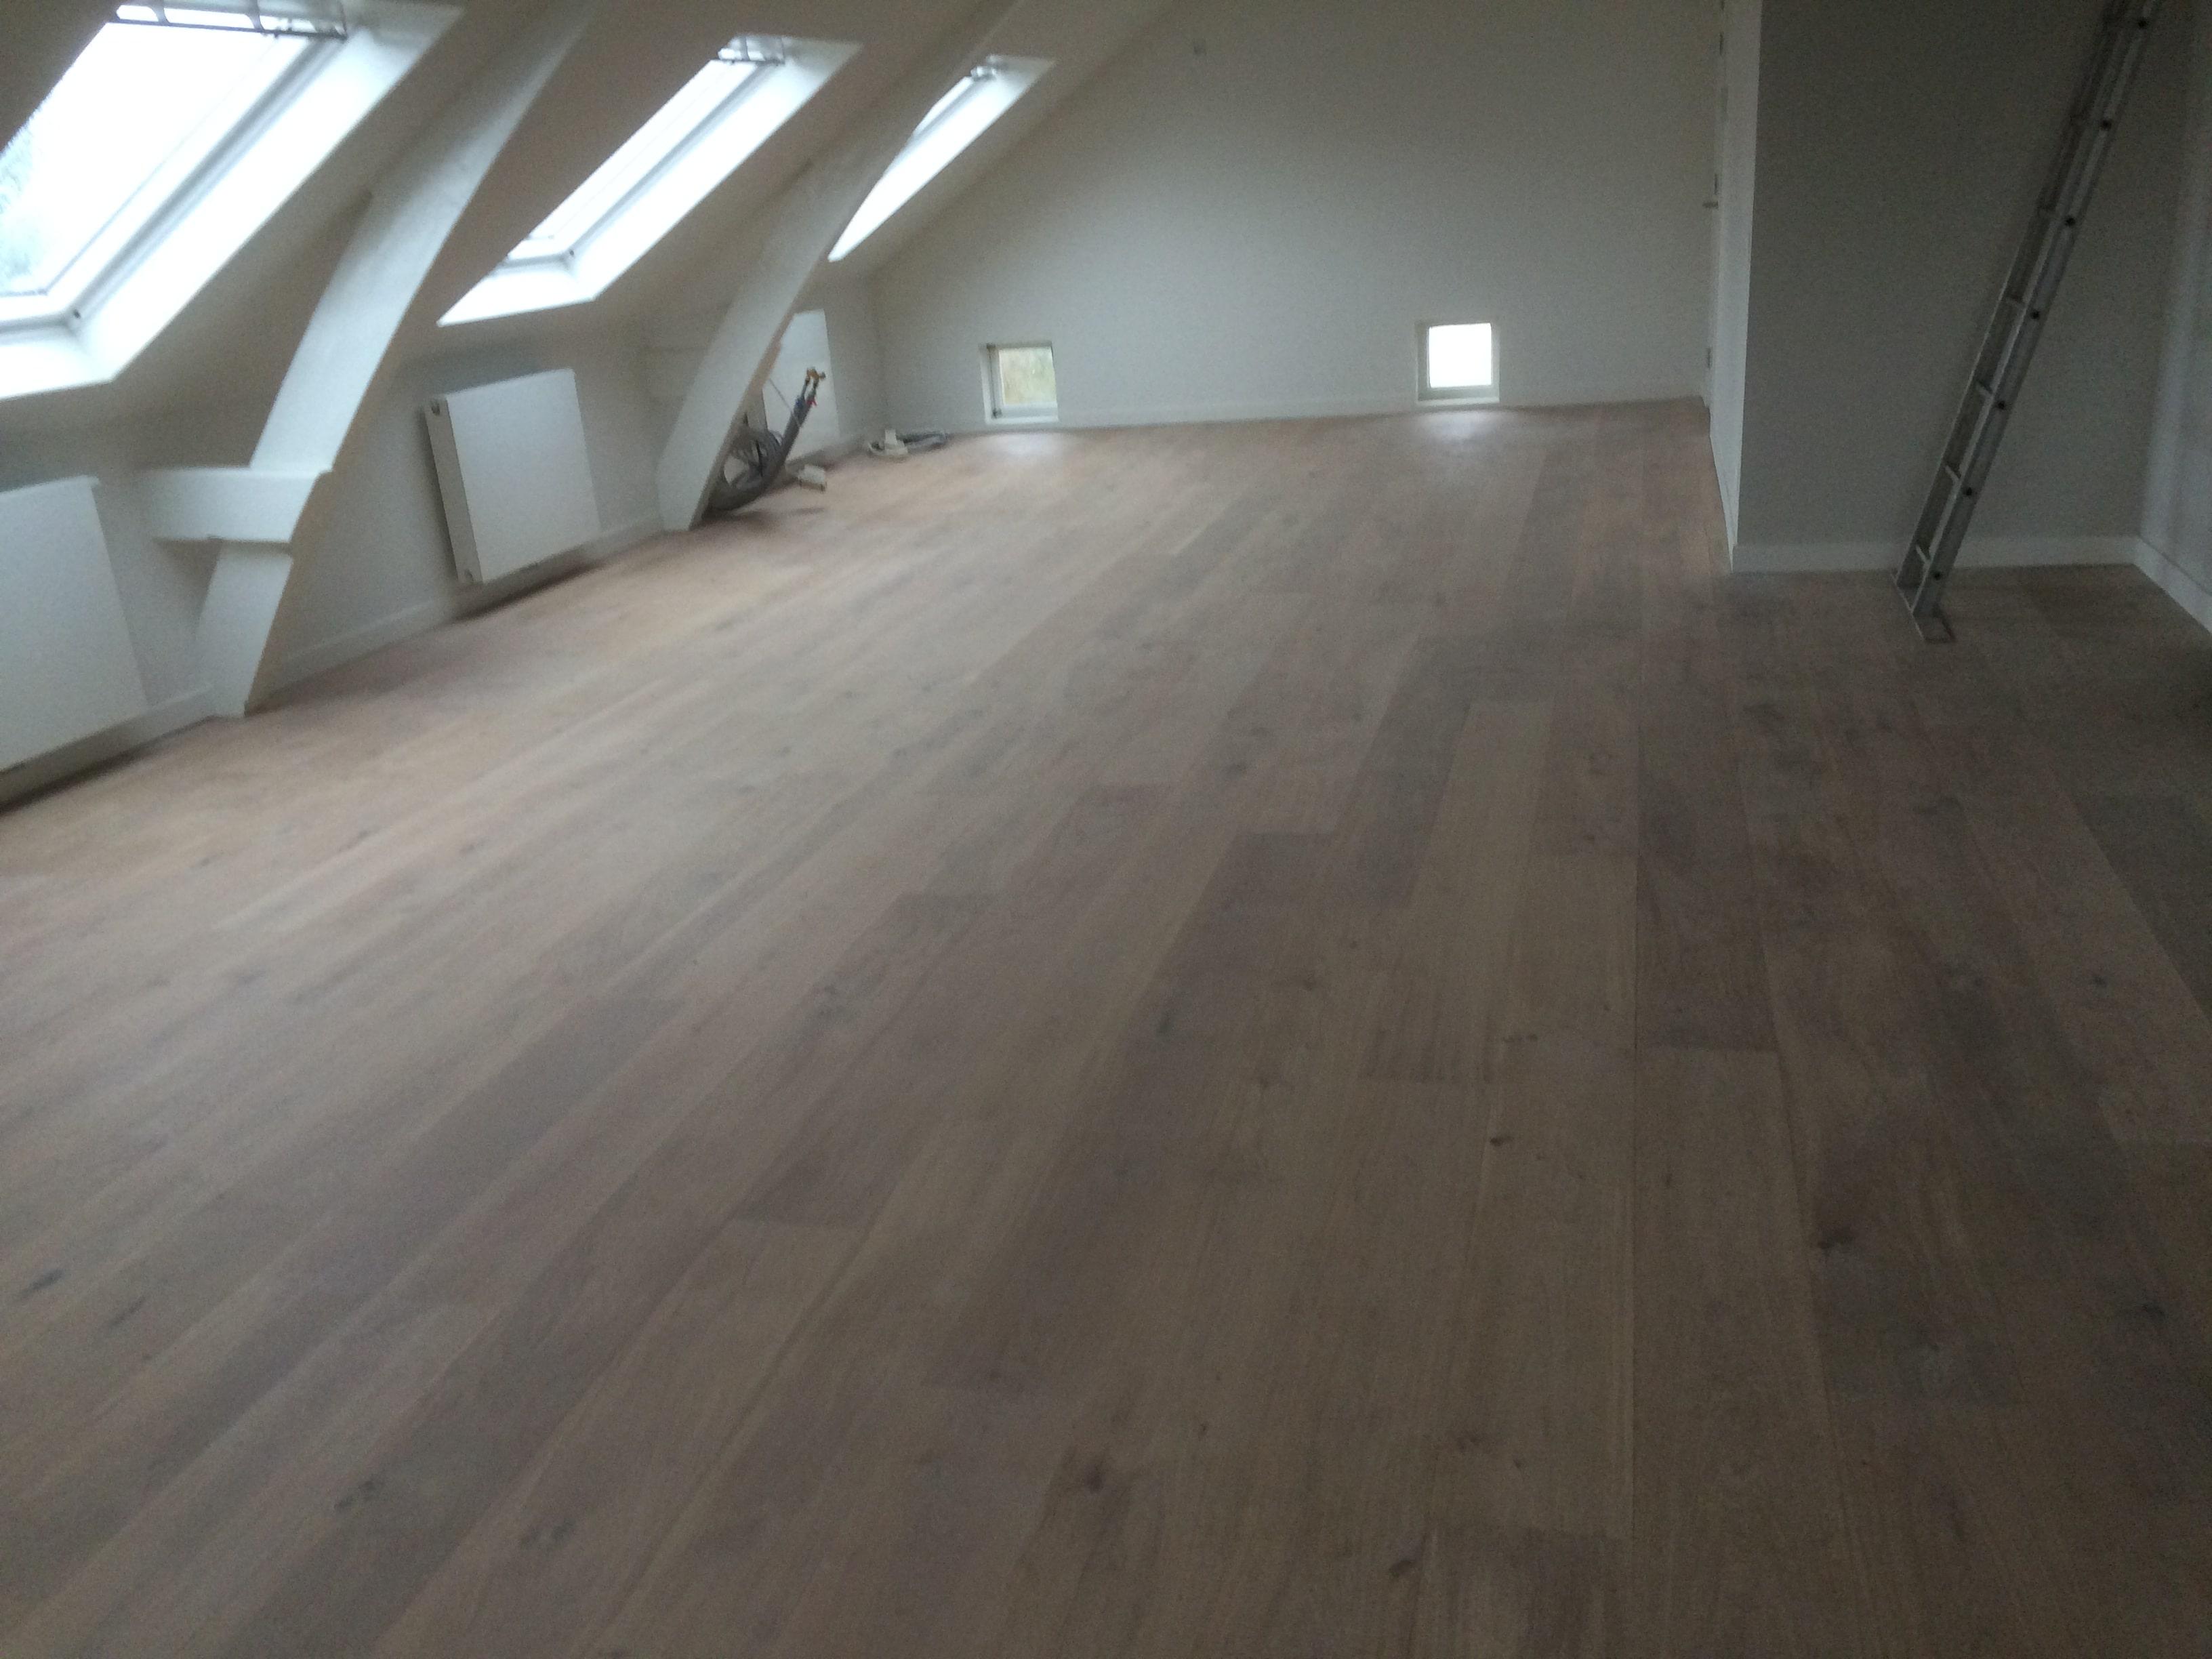 Chateau Vloeren Helmond : Chateau houten vloeren vrolijks tapijt totaal